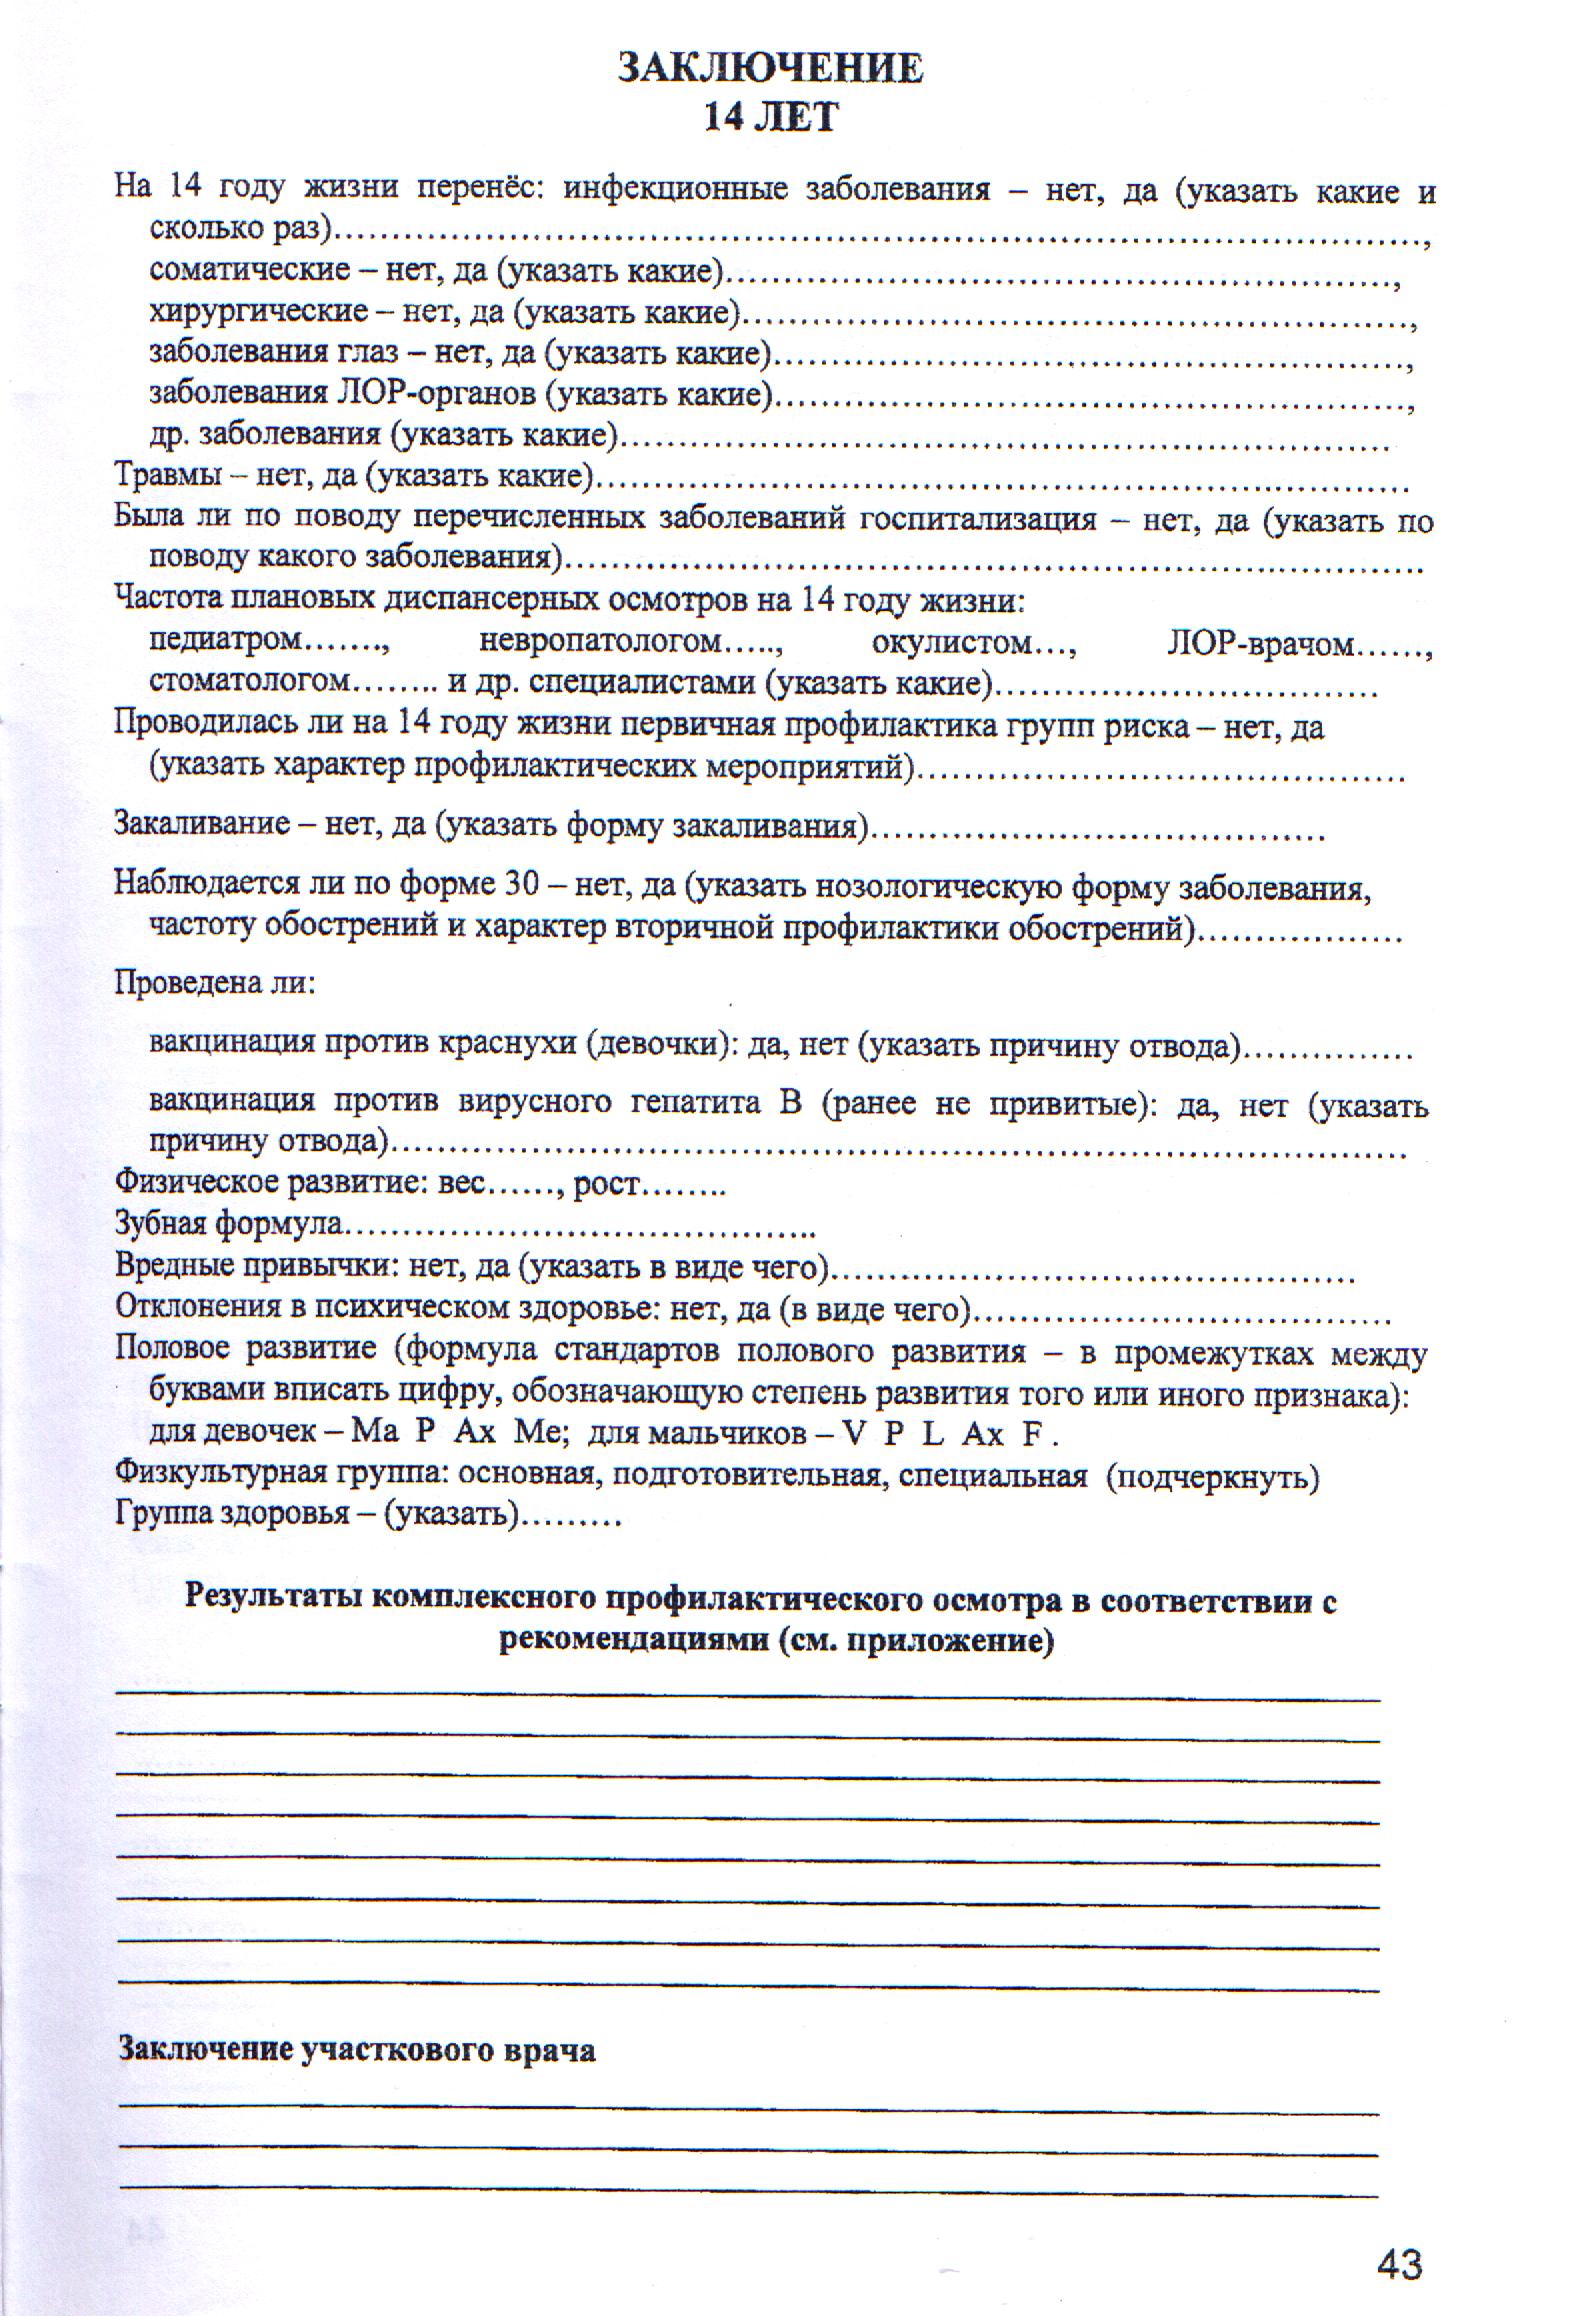 Где сделать паспорт здоровья в санкт-петербурге